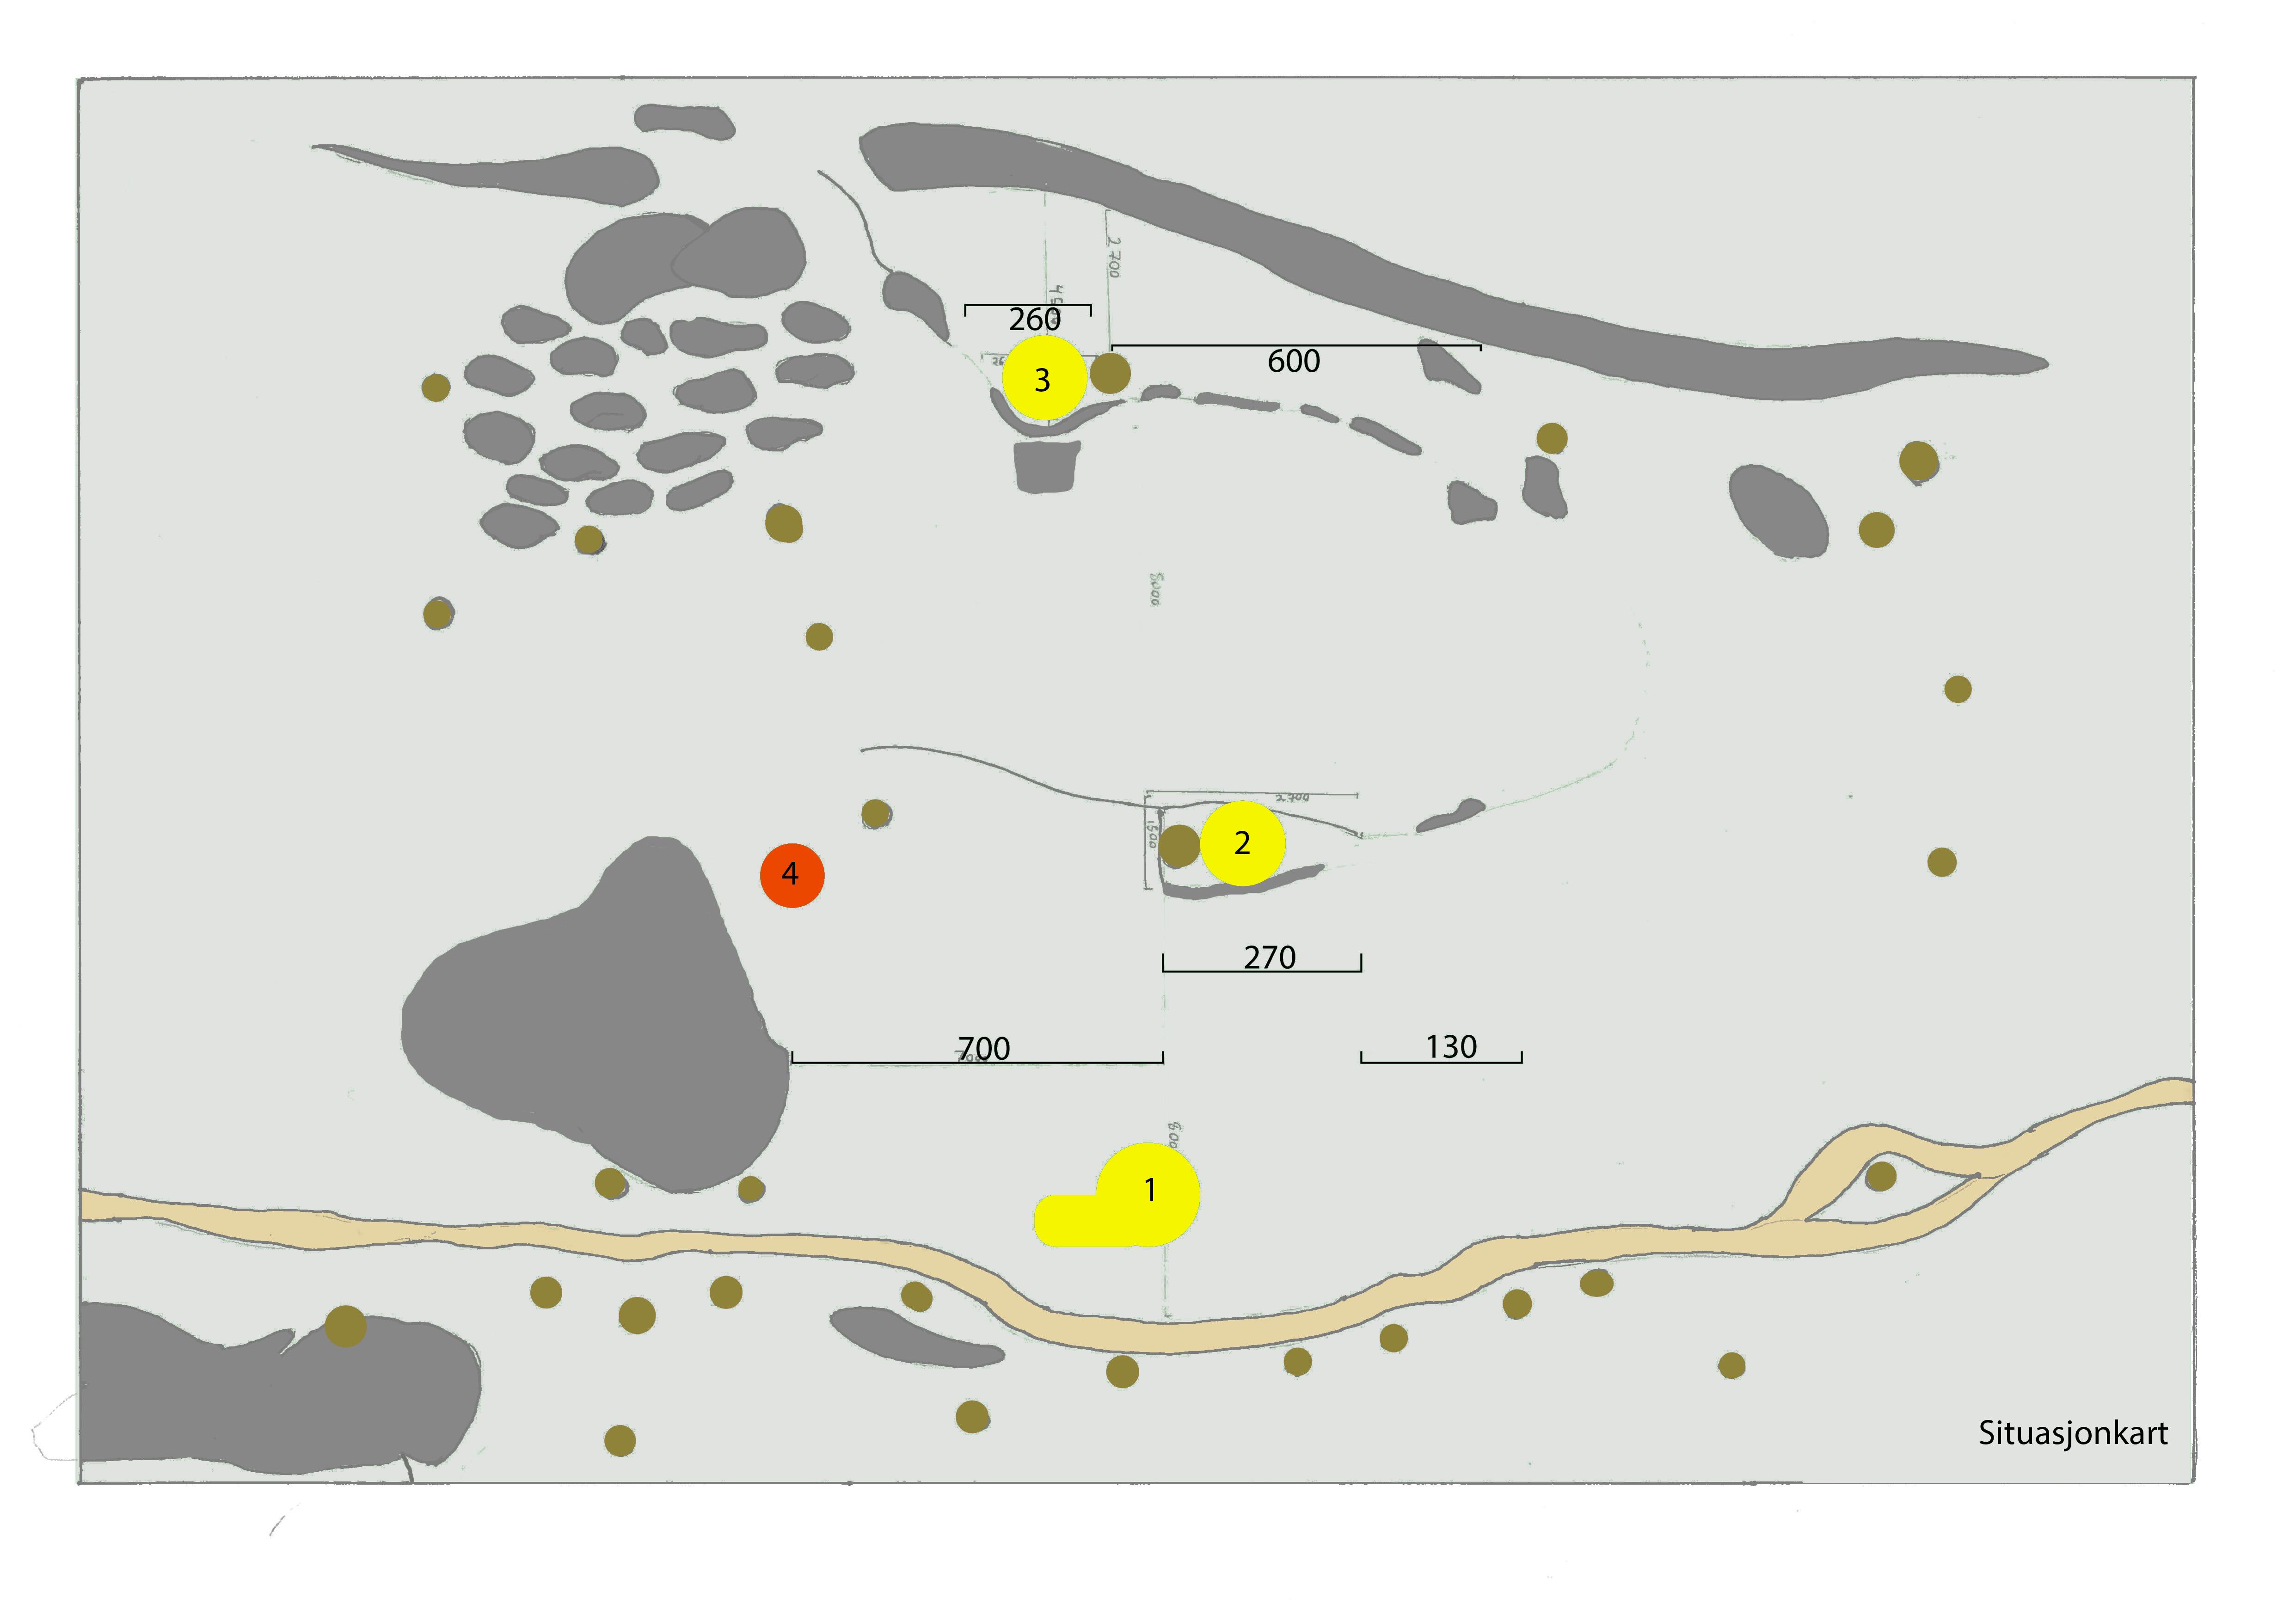 skogssituasjon (ovenifra)plakat med mål og punkter